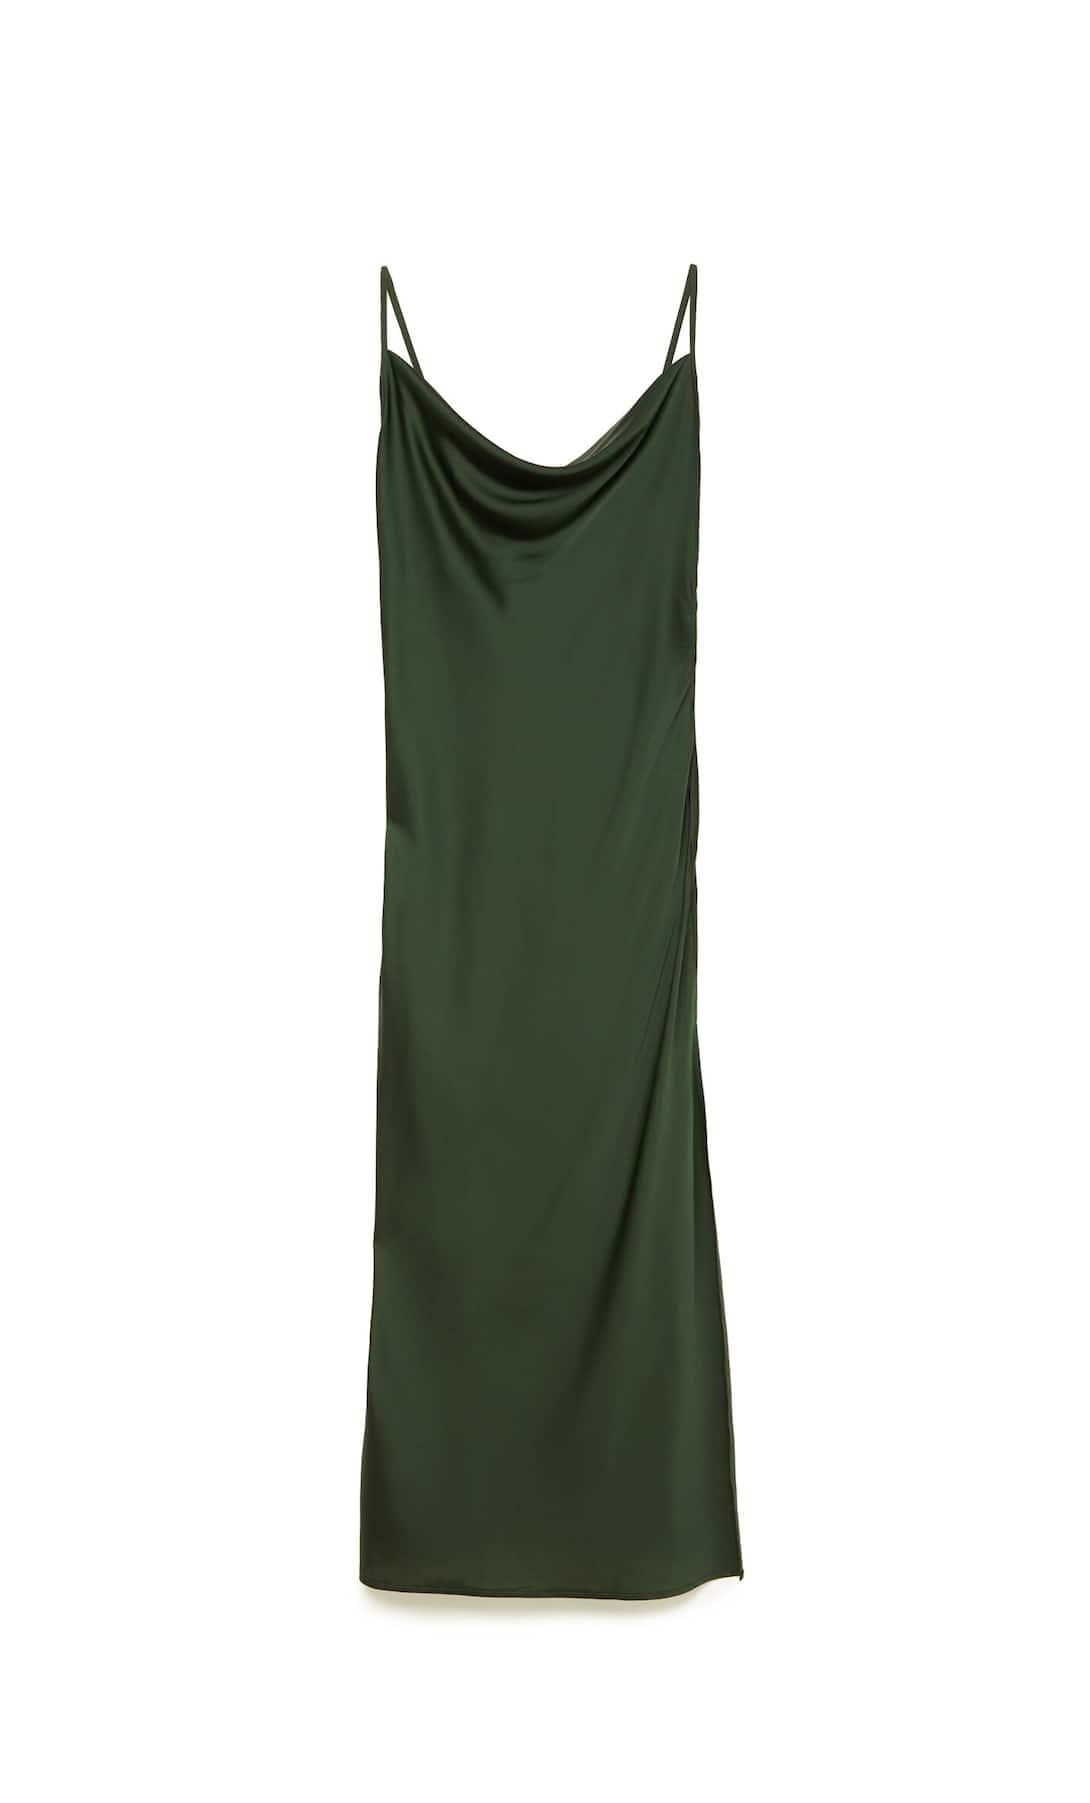 ¿Cómo vestir como Valeria, Nerea, Carmen y Lola de la serie 'Valeria' con prendas de Zara y Stradivarius?